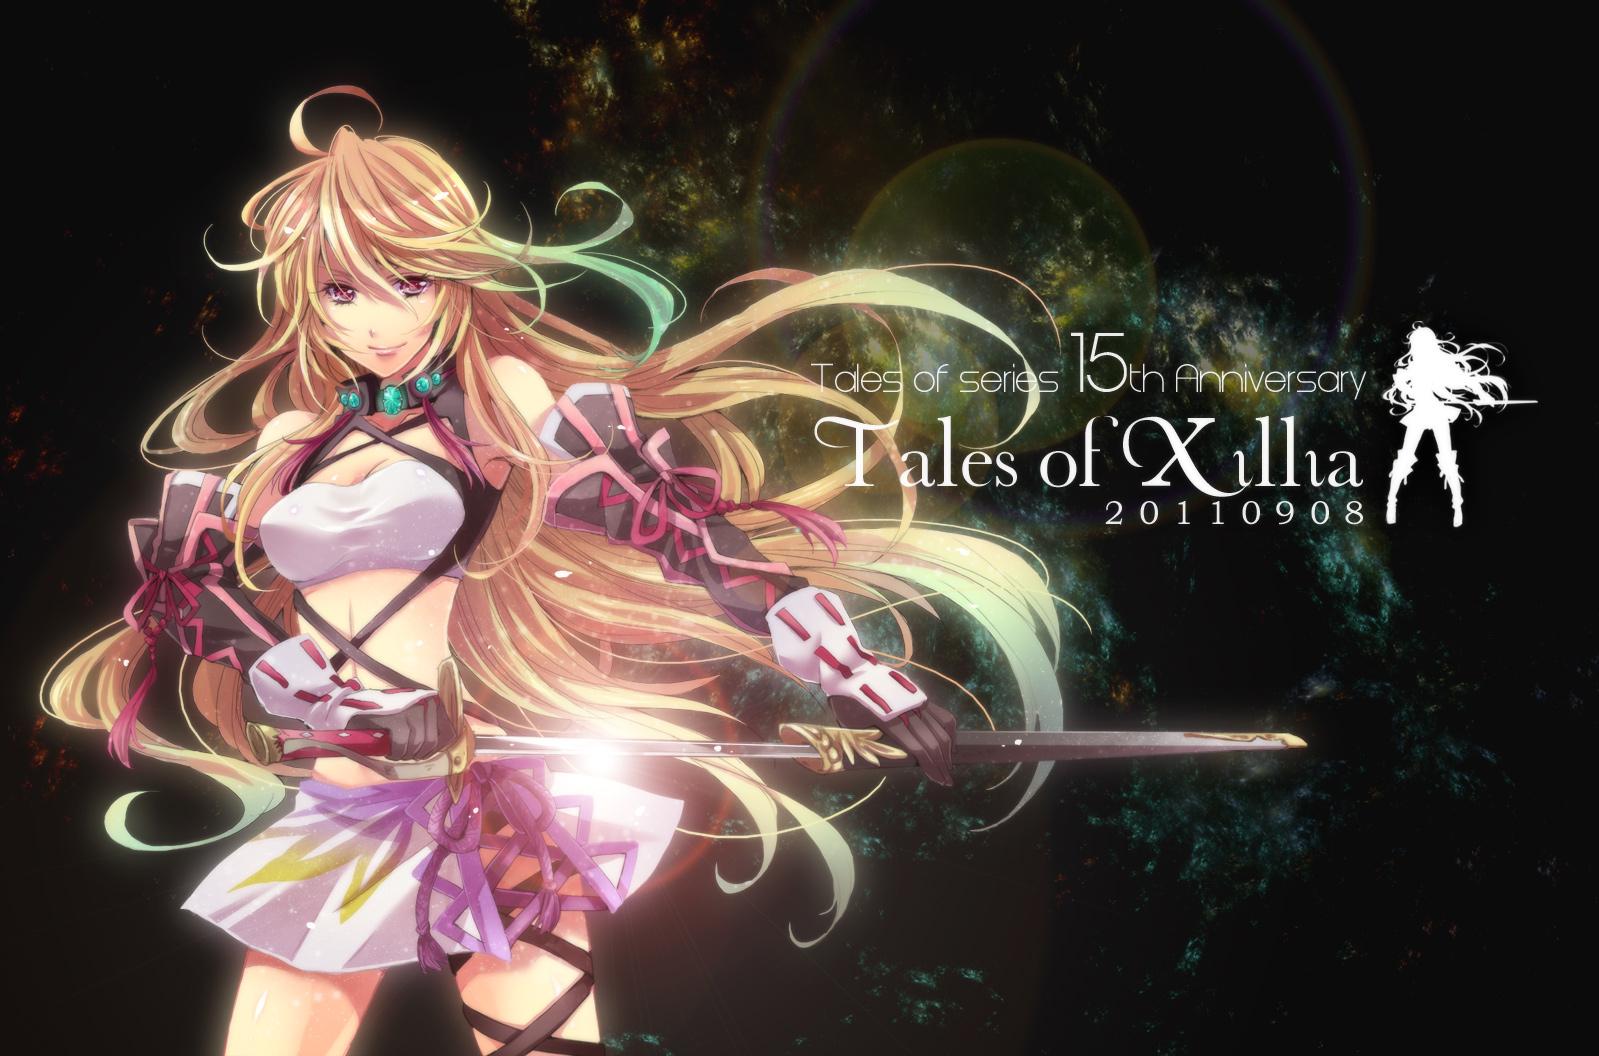 Tags: Wallpaper, Milla Maxwell, Tales of Xillia, Pixiv Id 304273